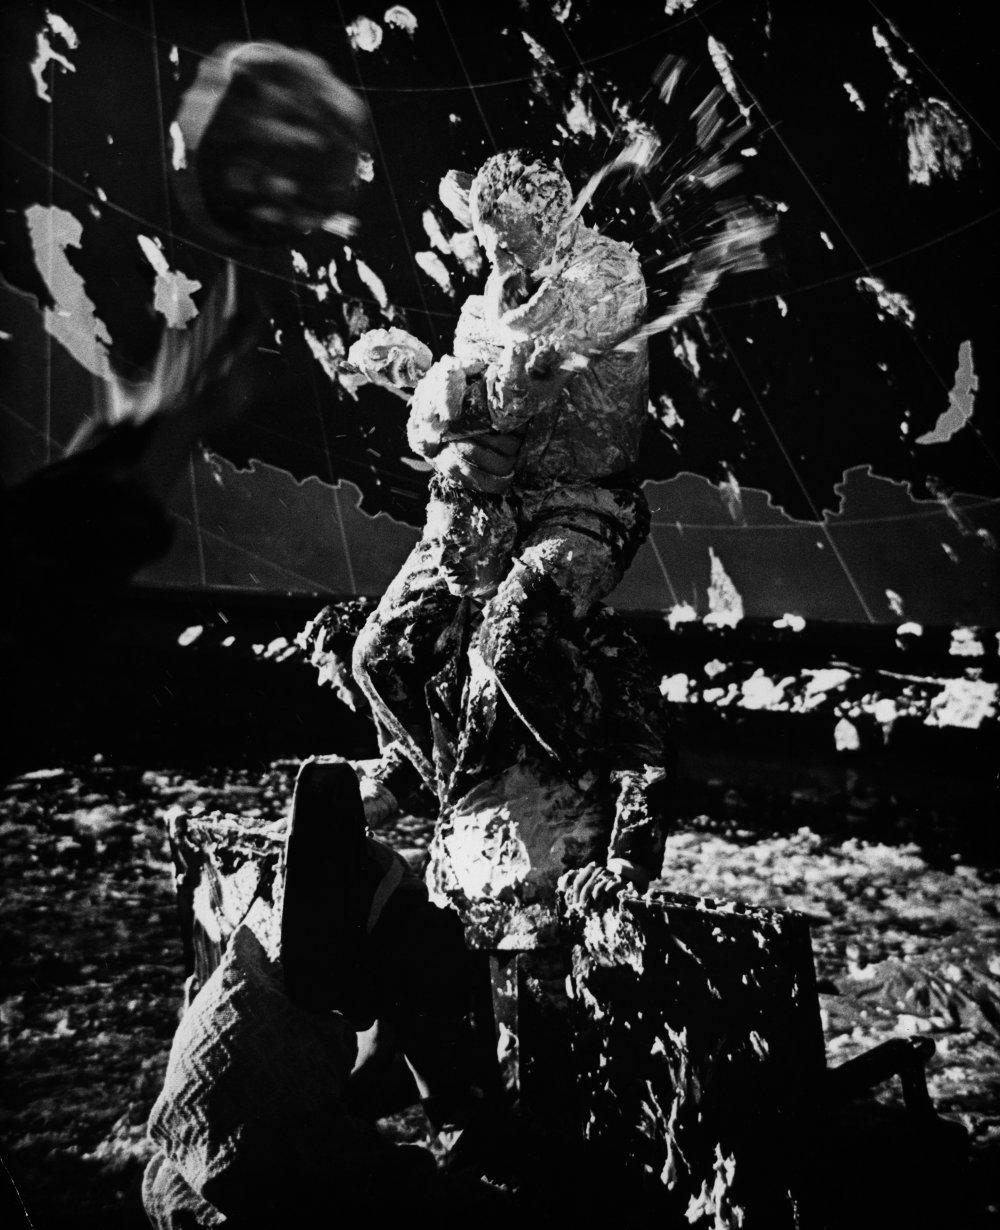 dr-strangelove-1963-023-custard-pie-fight-00n-6w8.jpg